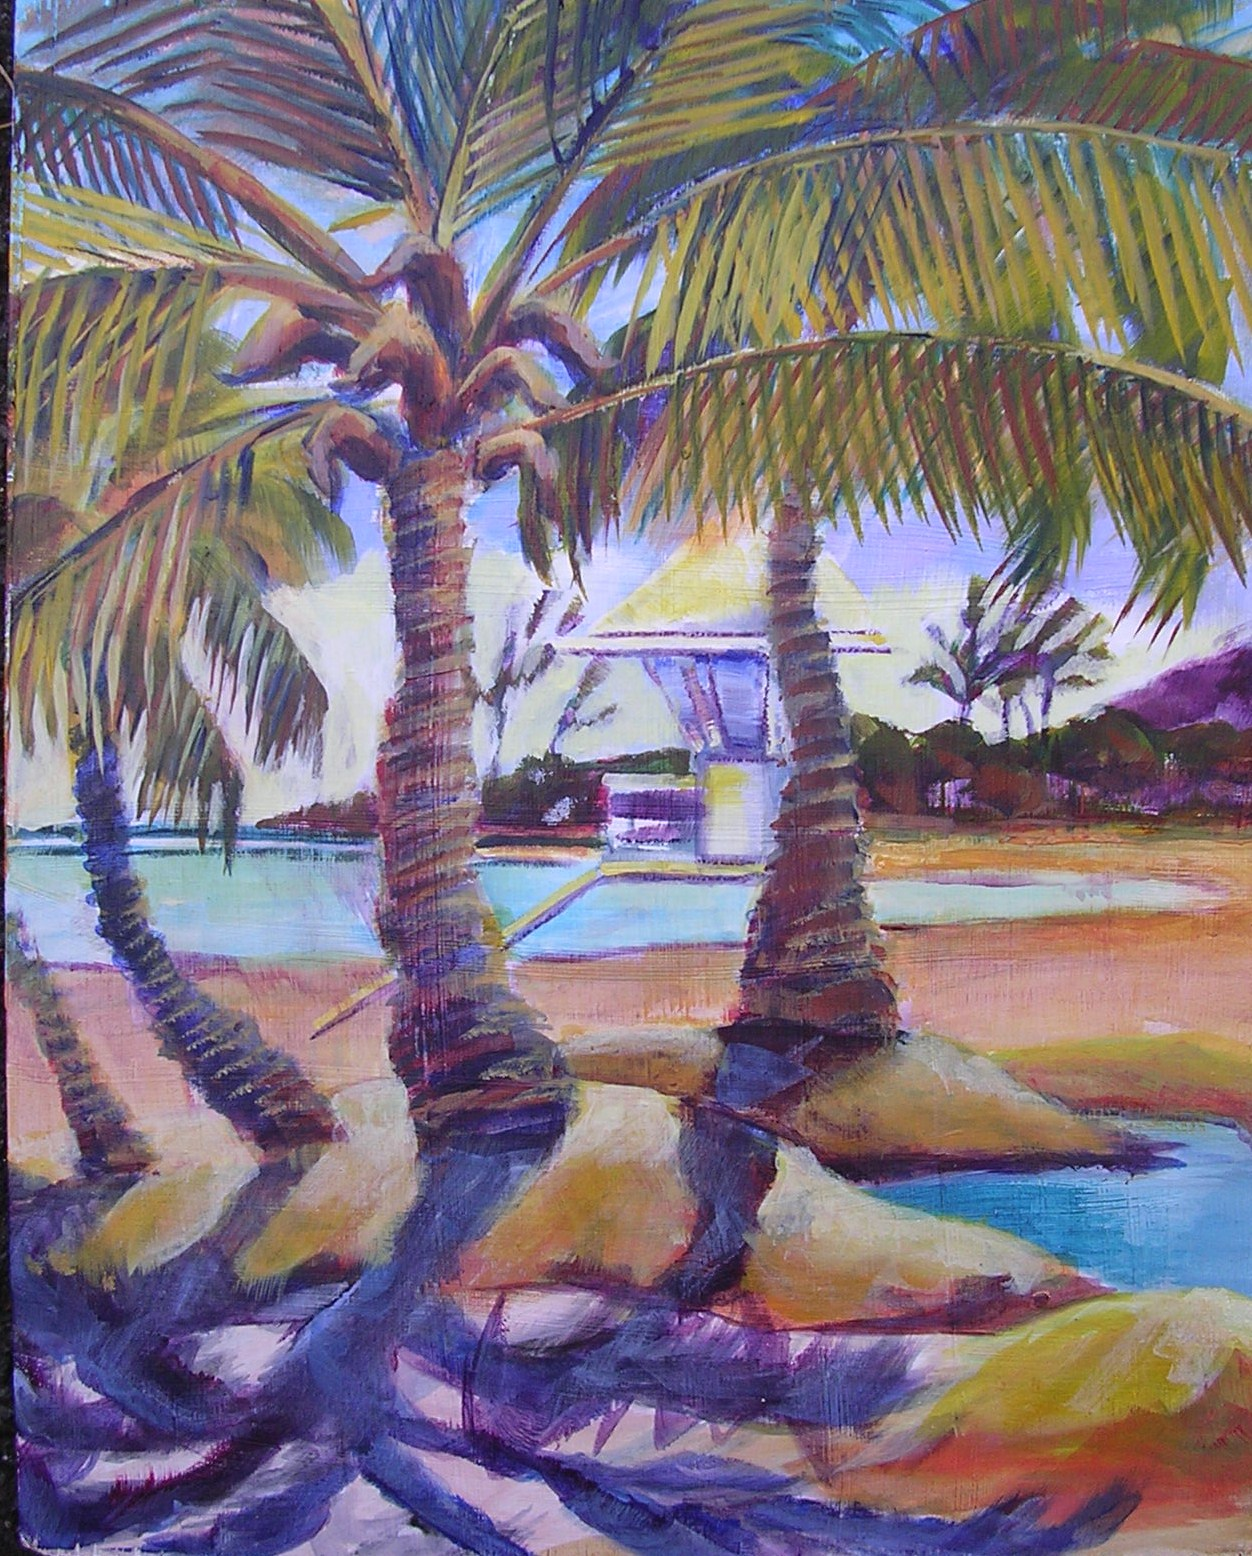 http://3.bp.blogspot.com/_SaeeSV5eeRw/TK-Js0f9_YI/AAAAAAAAAaQ/xnHqbrPAKak/s1600/Shade+in+Paradise.JPG